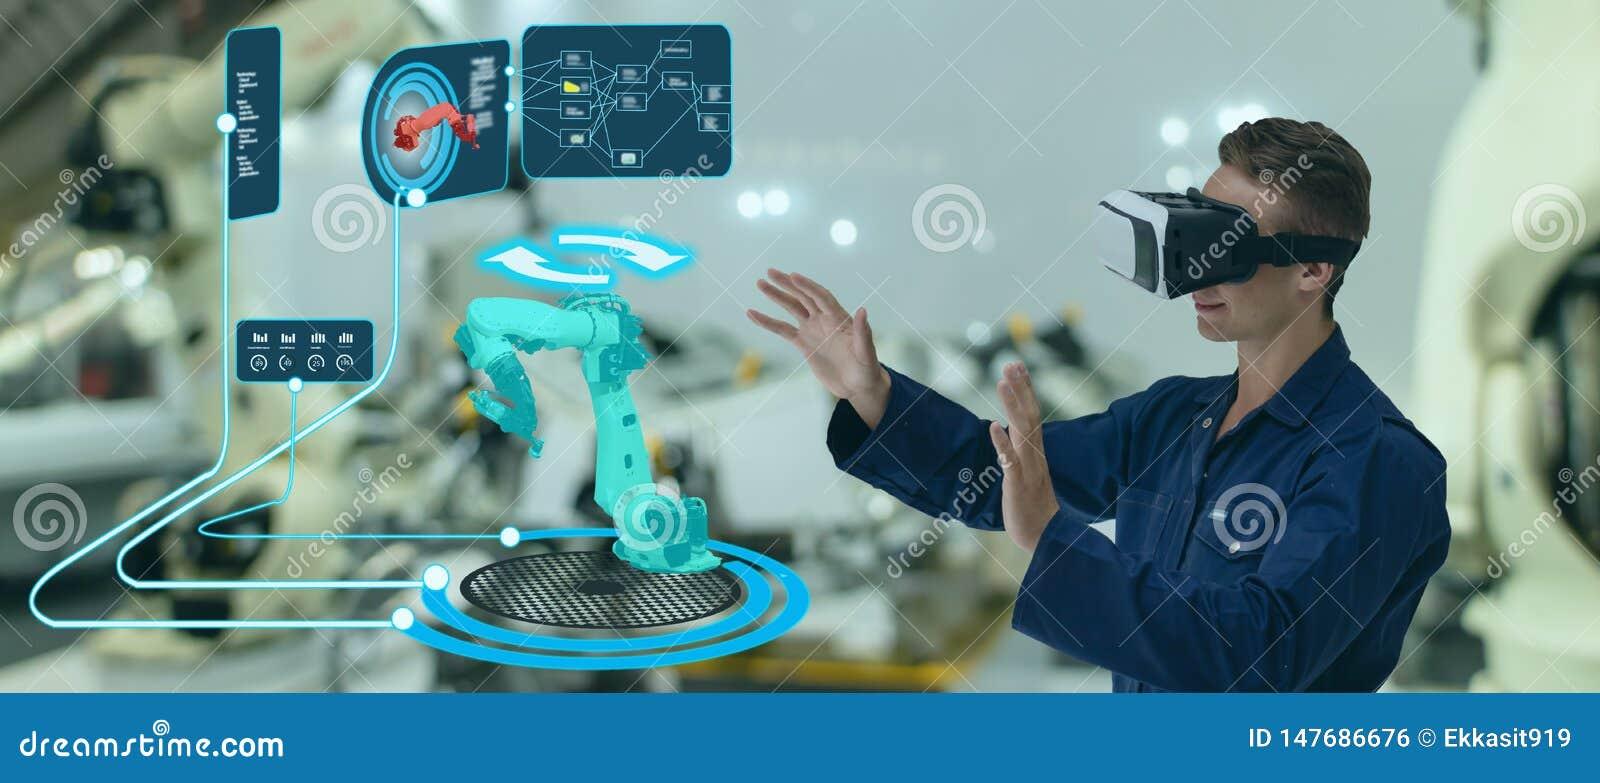 Technologie fut?e d Iot futuriste dans l industrie 4 0 concepts, utilisation d ing?nieur ont augment? la r?alit? virtuelle m?lang